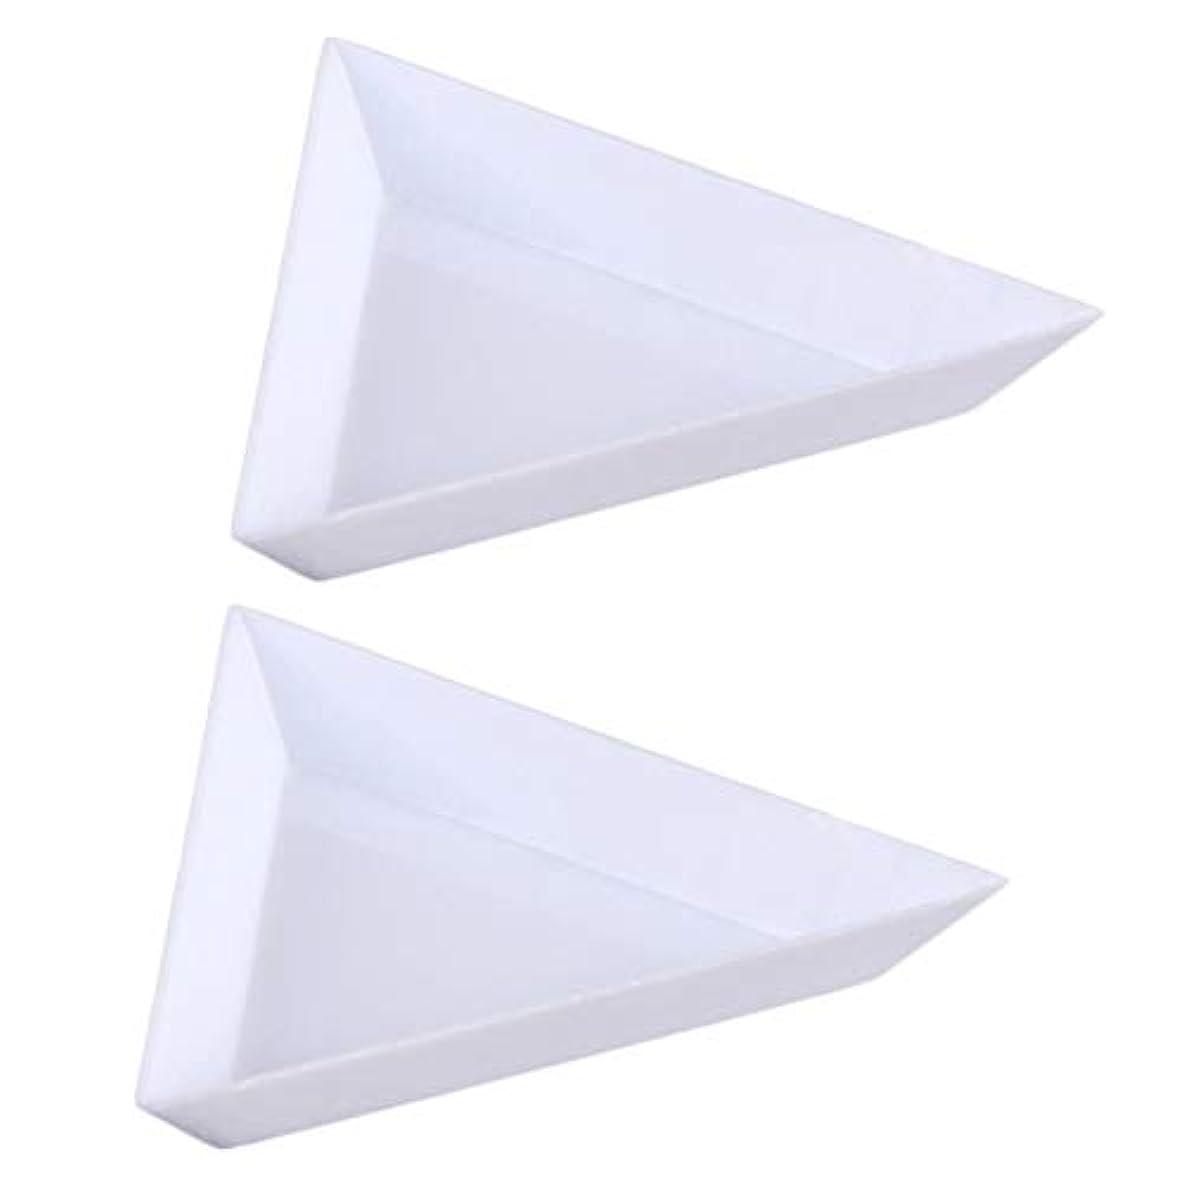 エステート縫い目真実CUHAWUDBA 10個三角コーナープラスチックラインストーンビーズ 結晶 ネイルアートソーティングトレイアクセサリー白 DiyネイルアートデコレーションDotting収納トレイ オーガニゼーションに最適